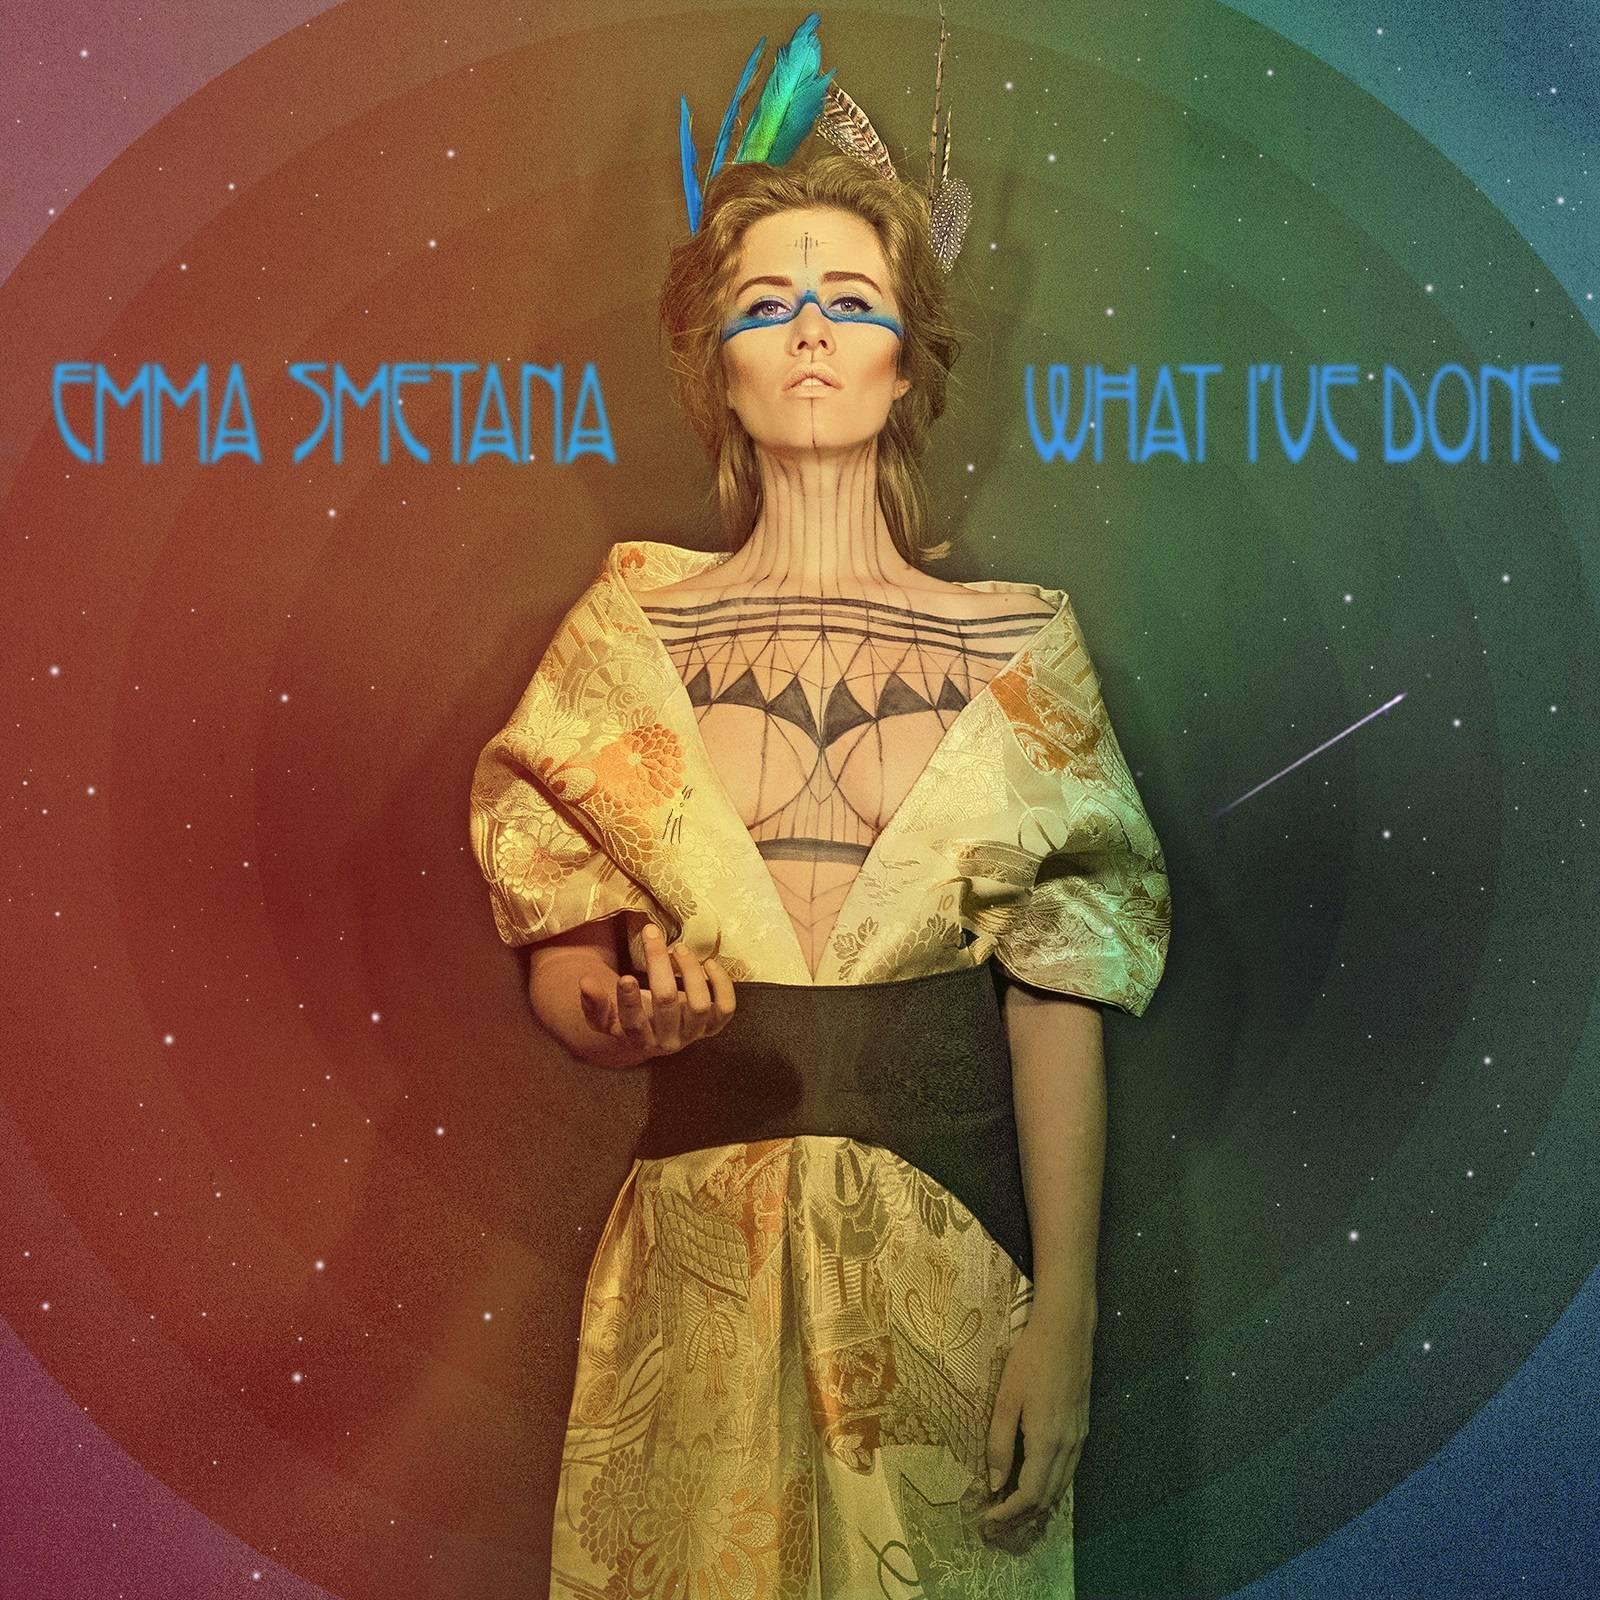 Emma Smetana: Mou desku by v zahraničí považovali za popovou, pro Čechy je to alternativa